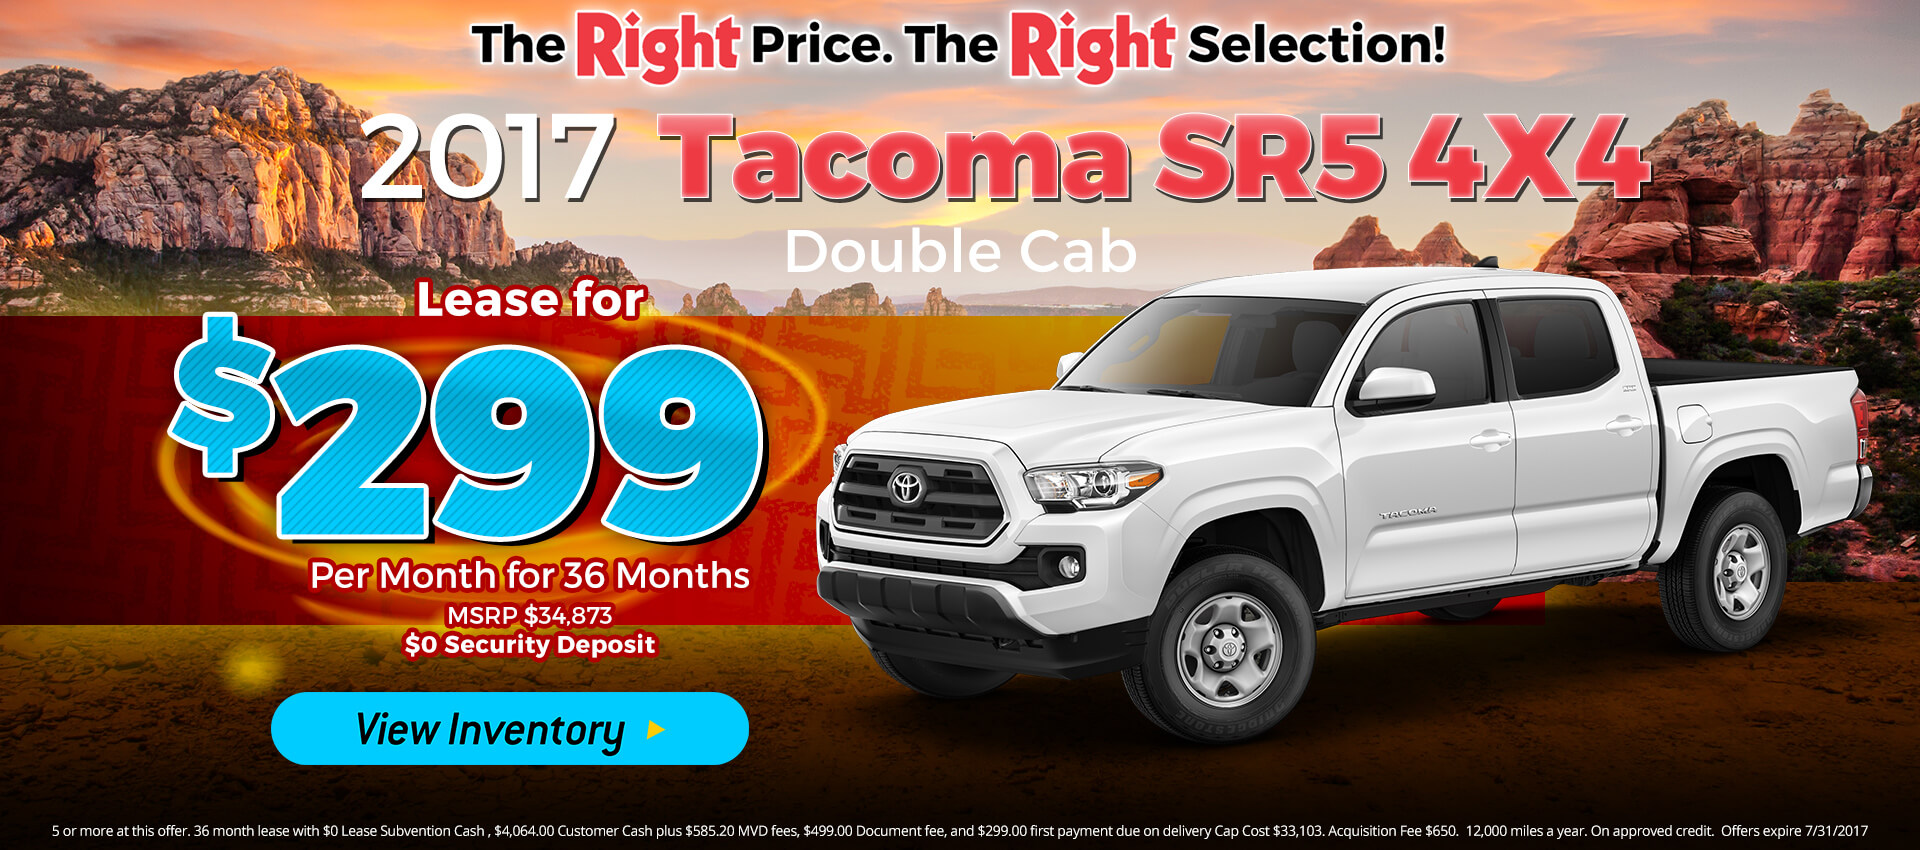 Tacoma